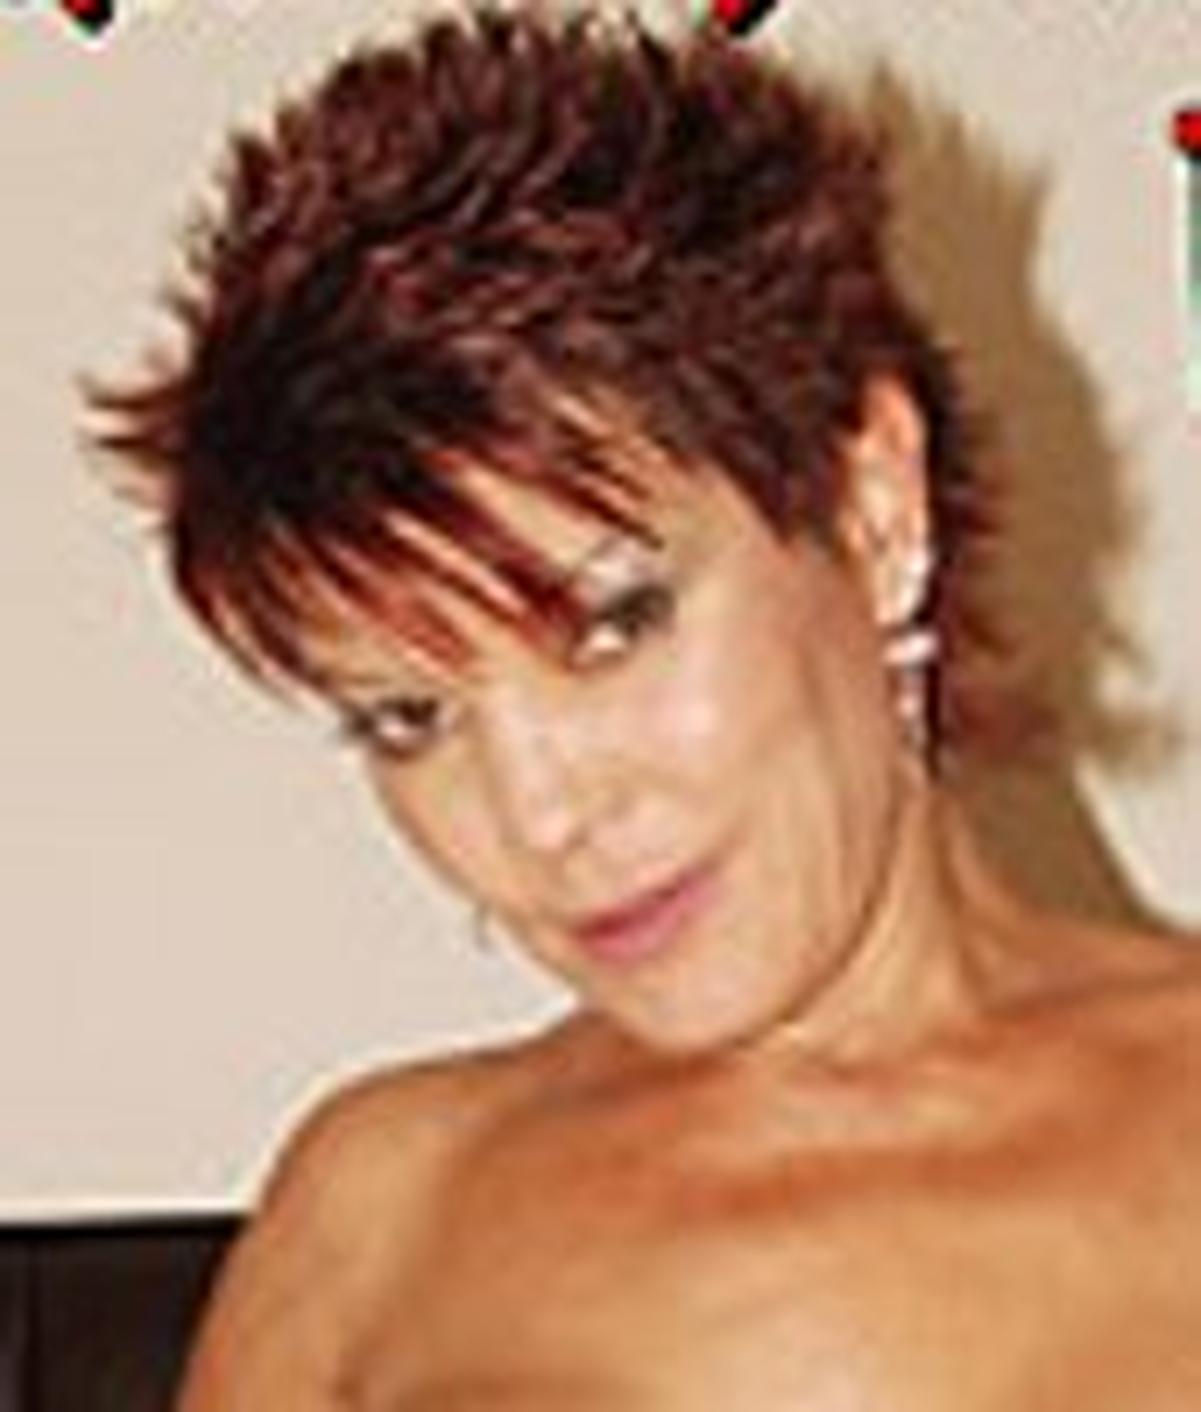 Sexyscorpionxxx wiki, Sexyscorpionxxx bio, Sexyscorpionxxx news